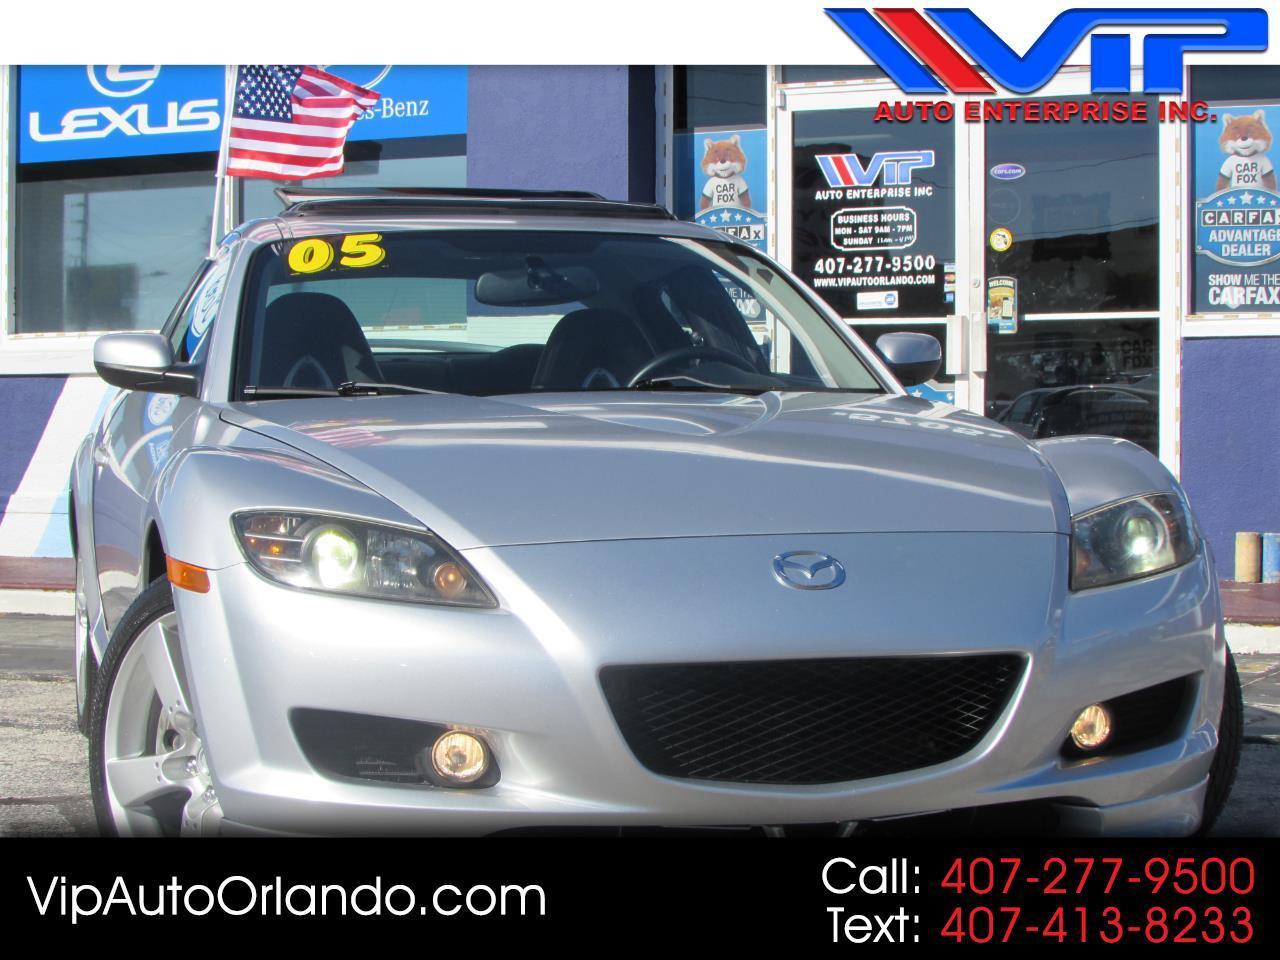 2005 Mazda RX-8 4dr Cpe 6-Spd Manual